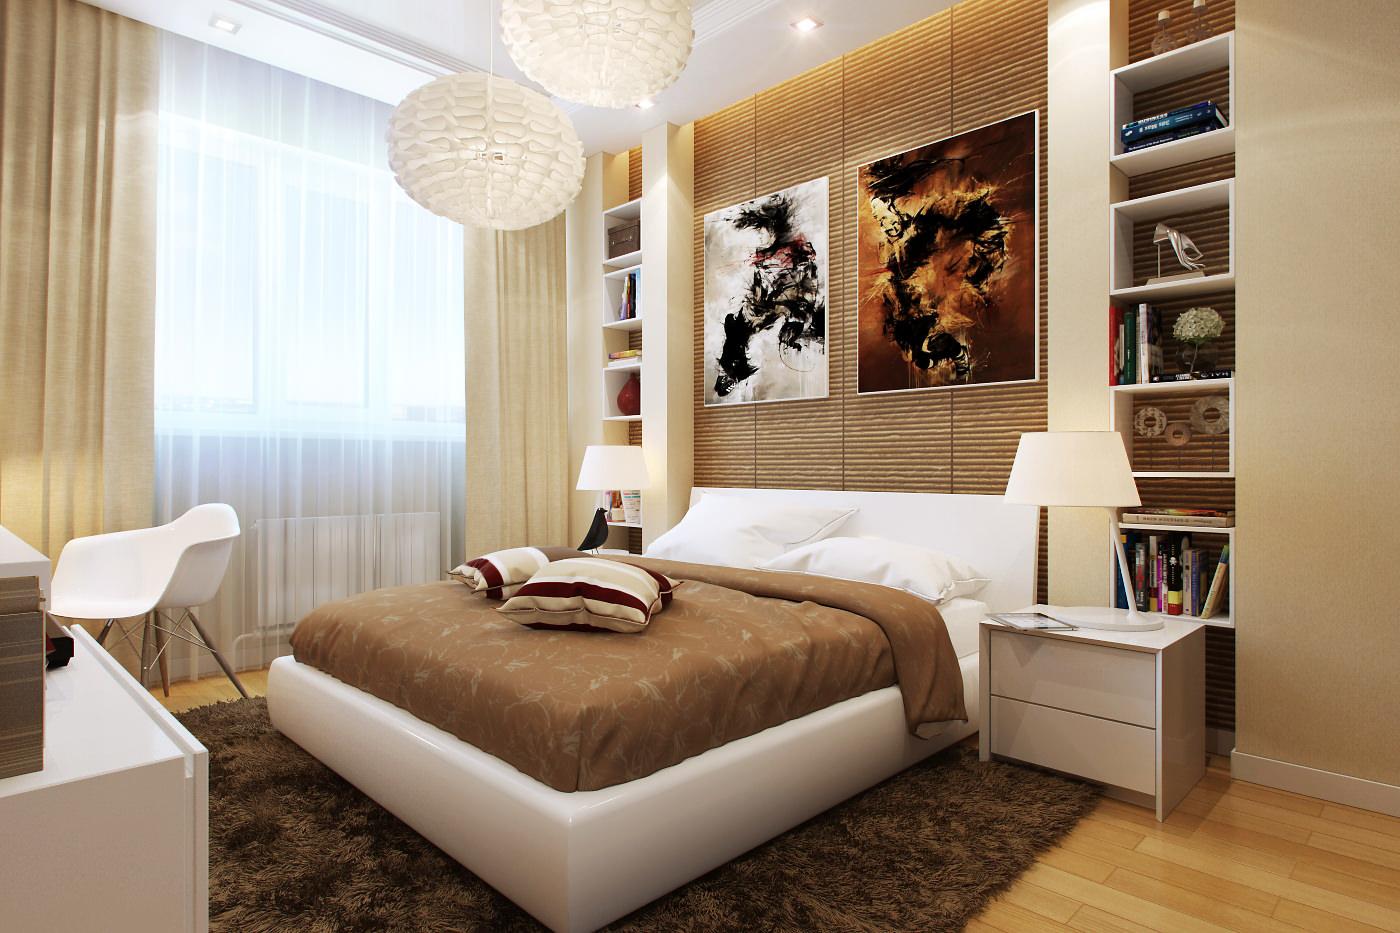 Бежевый, белый и коричневый цвета в интерьере спальни